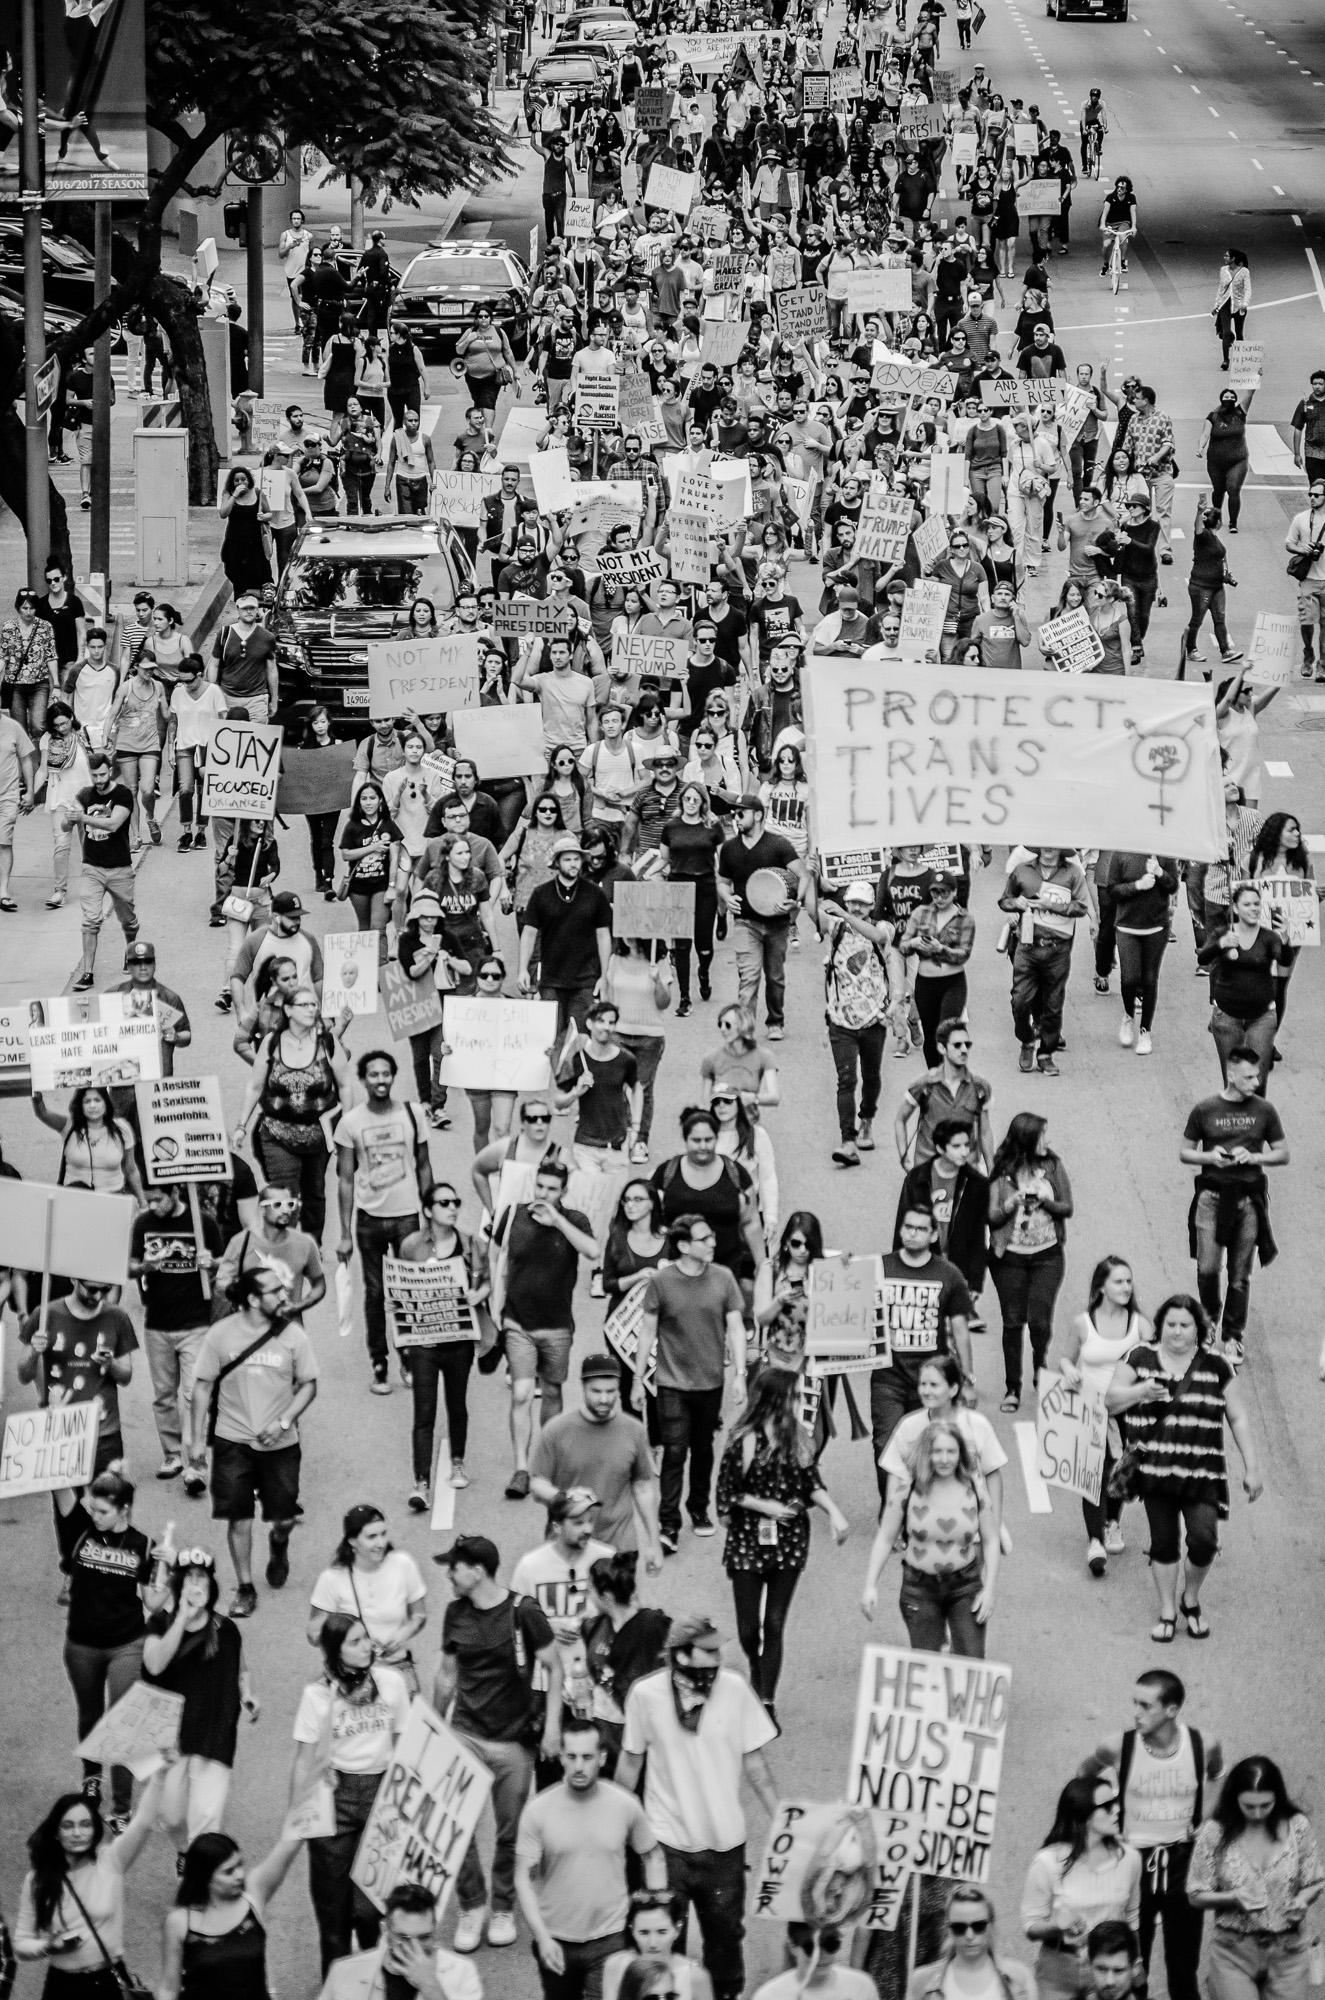 Protesting_11.jpg